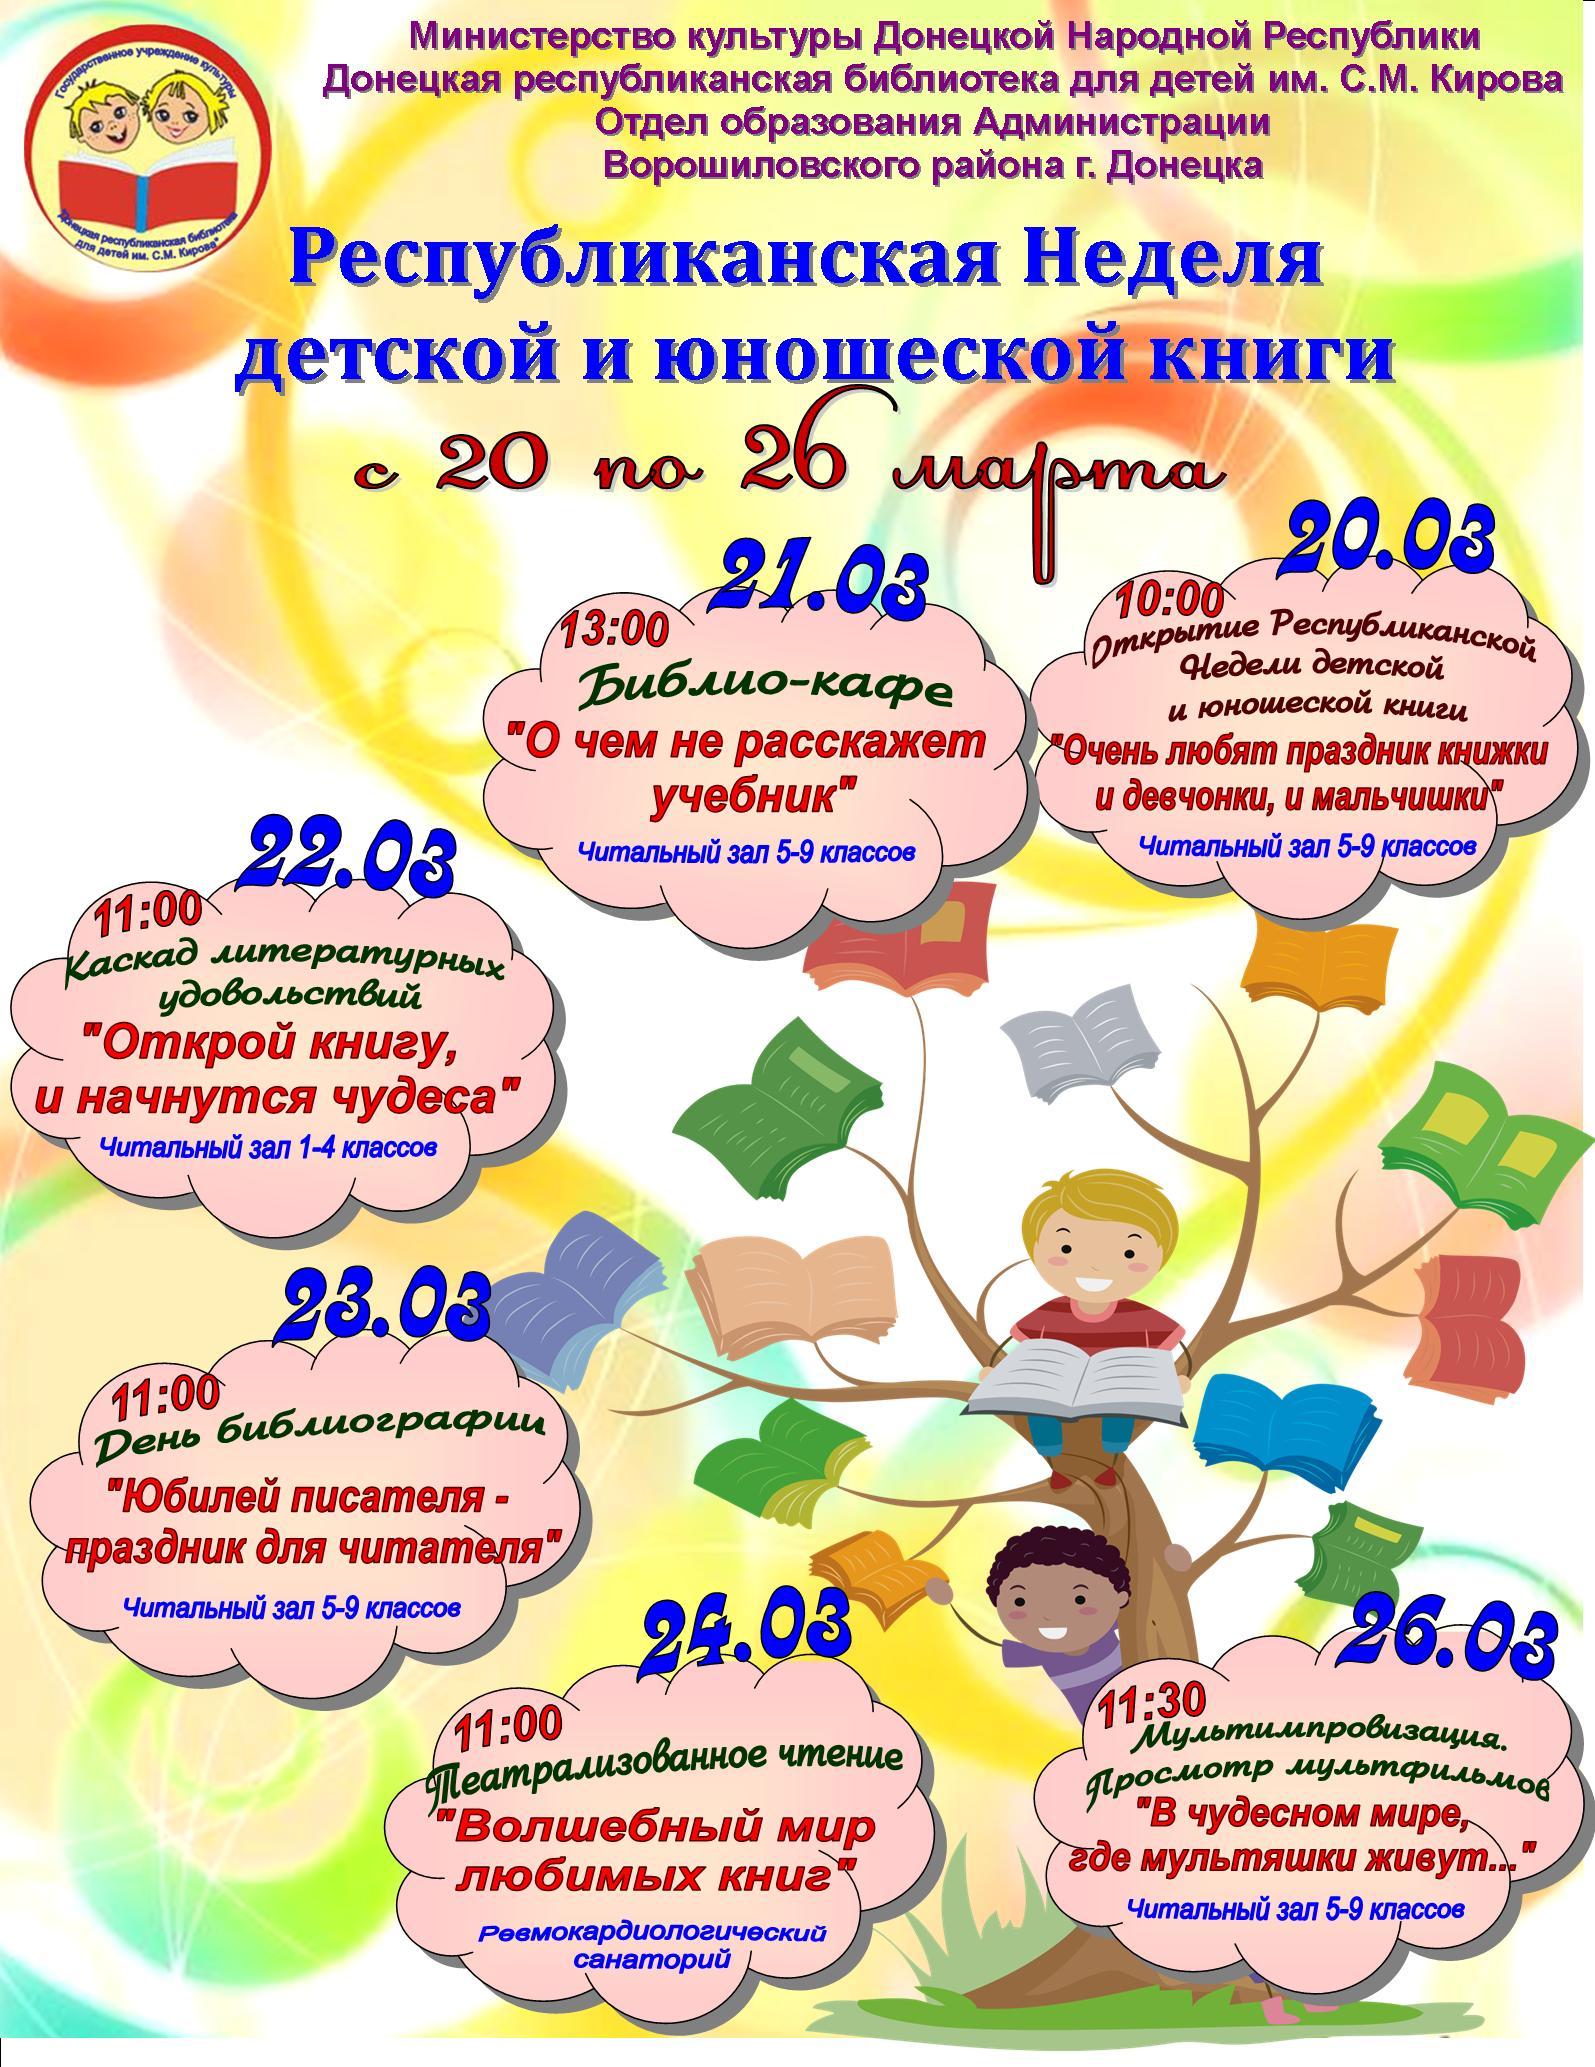 республиканская неделя детской и юношеской книги, донецкая республиканская билиотека для детей, мероприятия в библиотеке